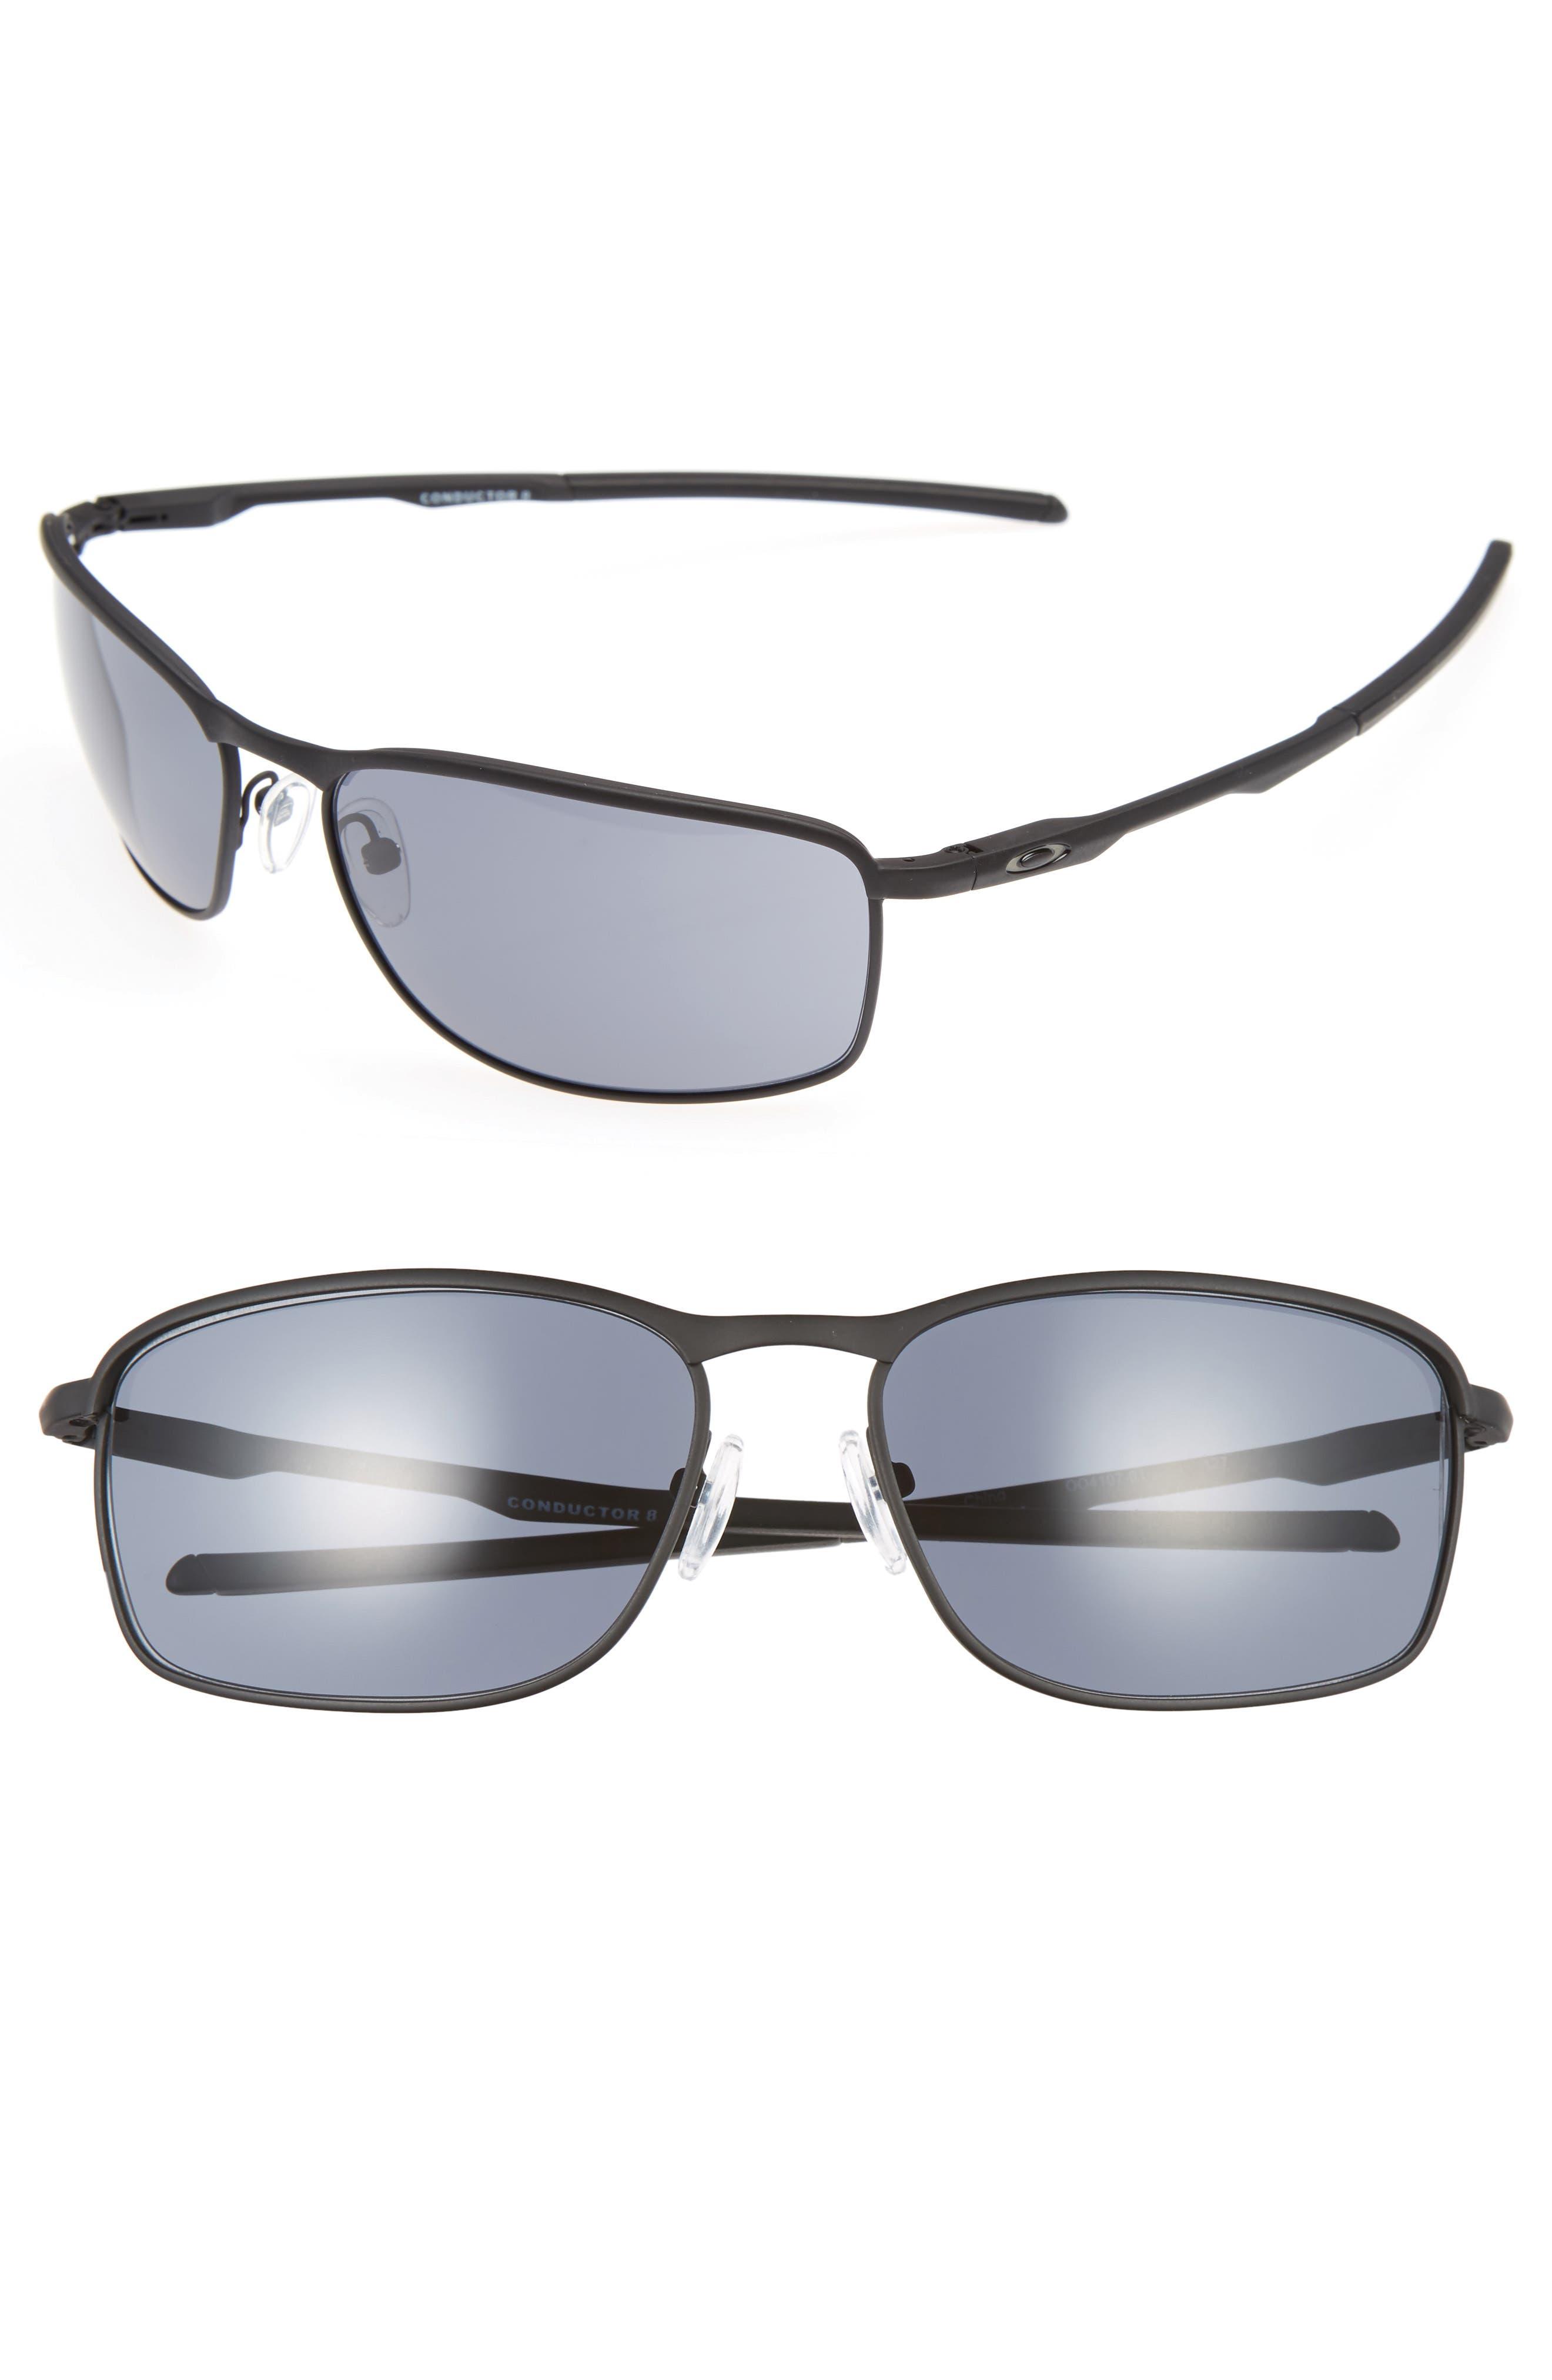 OAKLEY Conductor 8 60mm Sunglasses